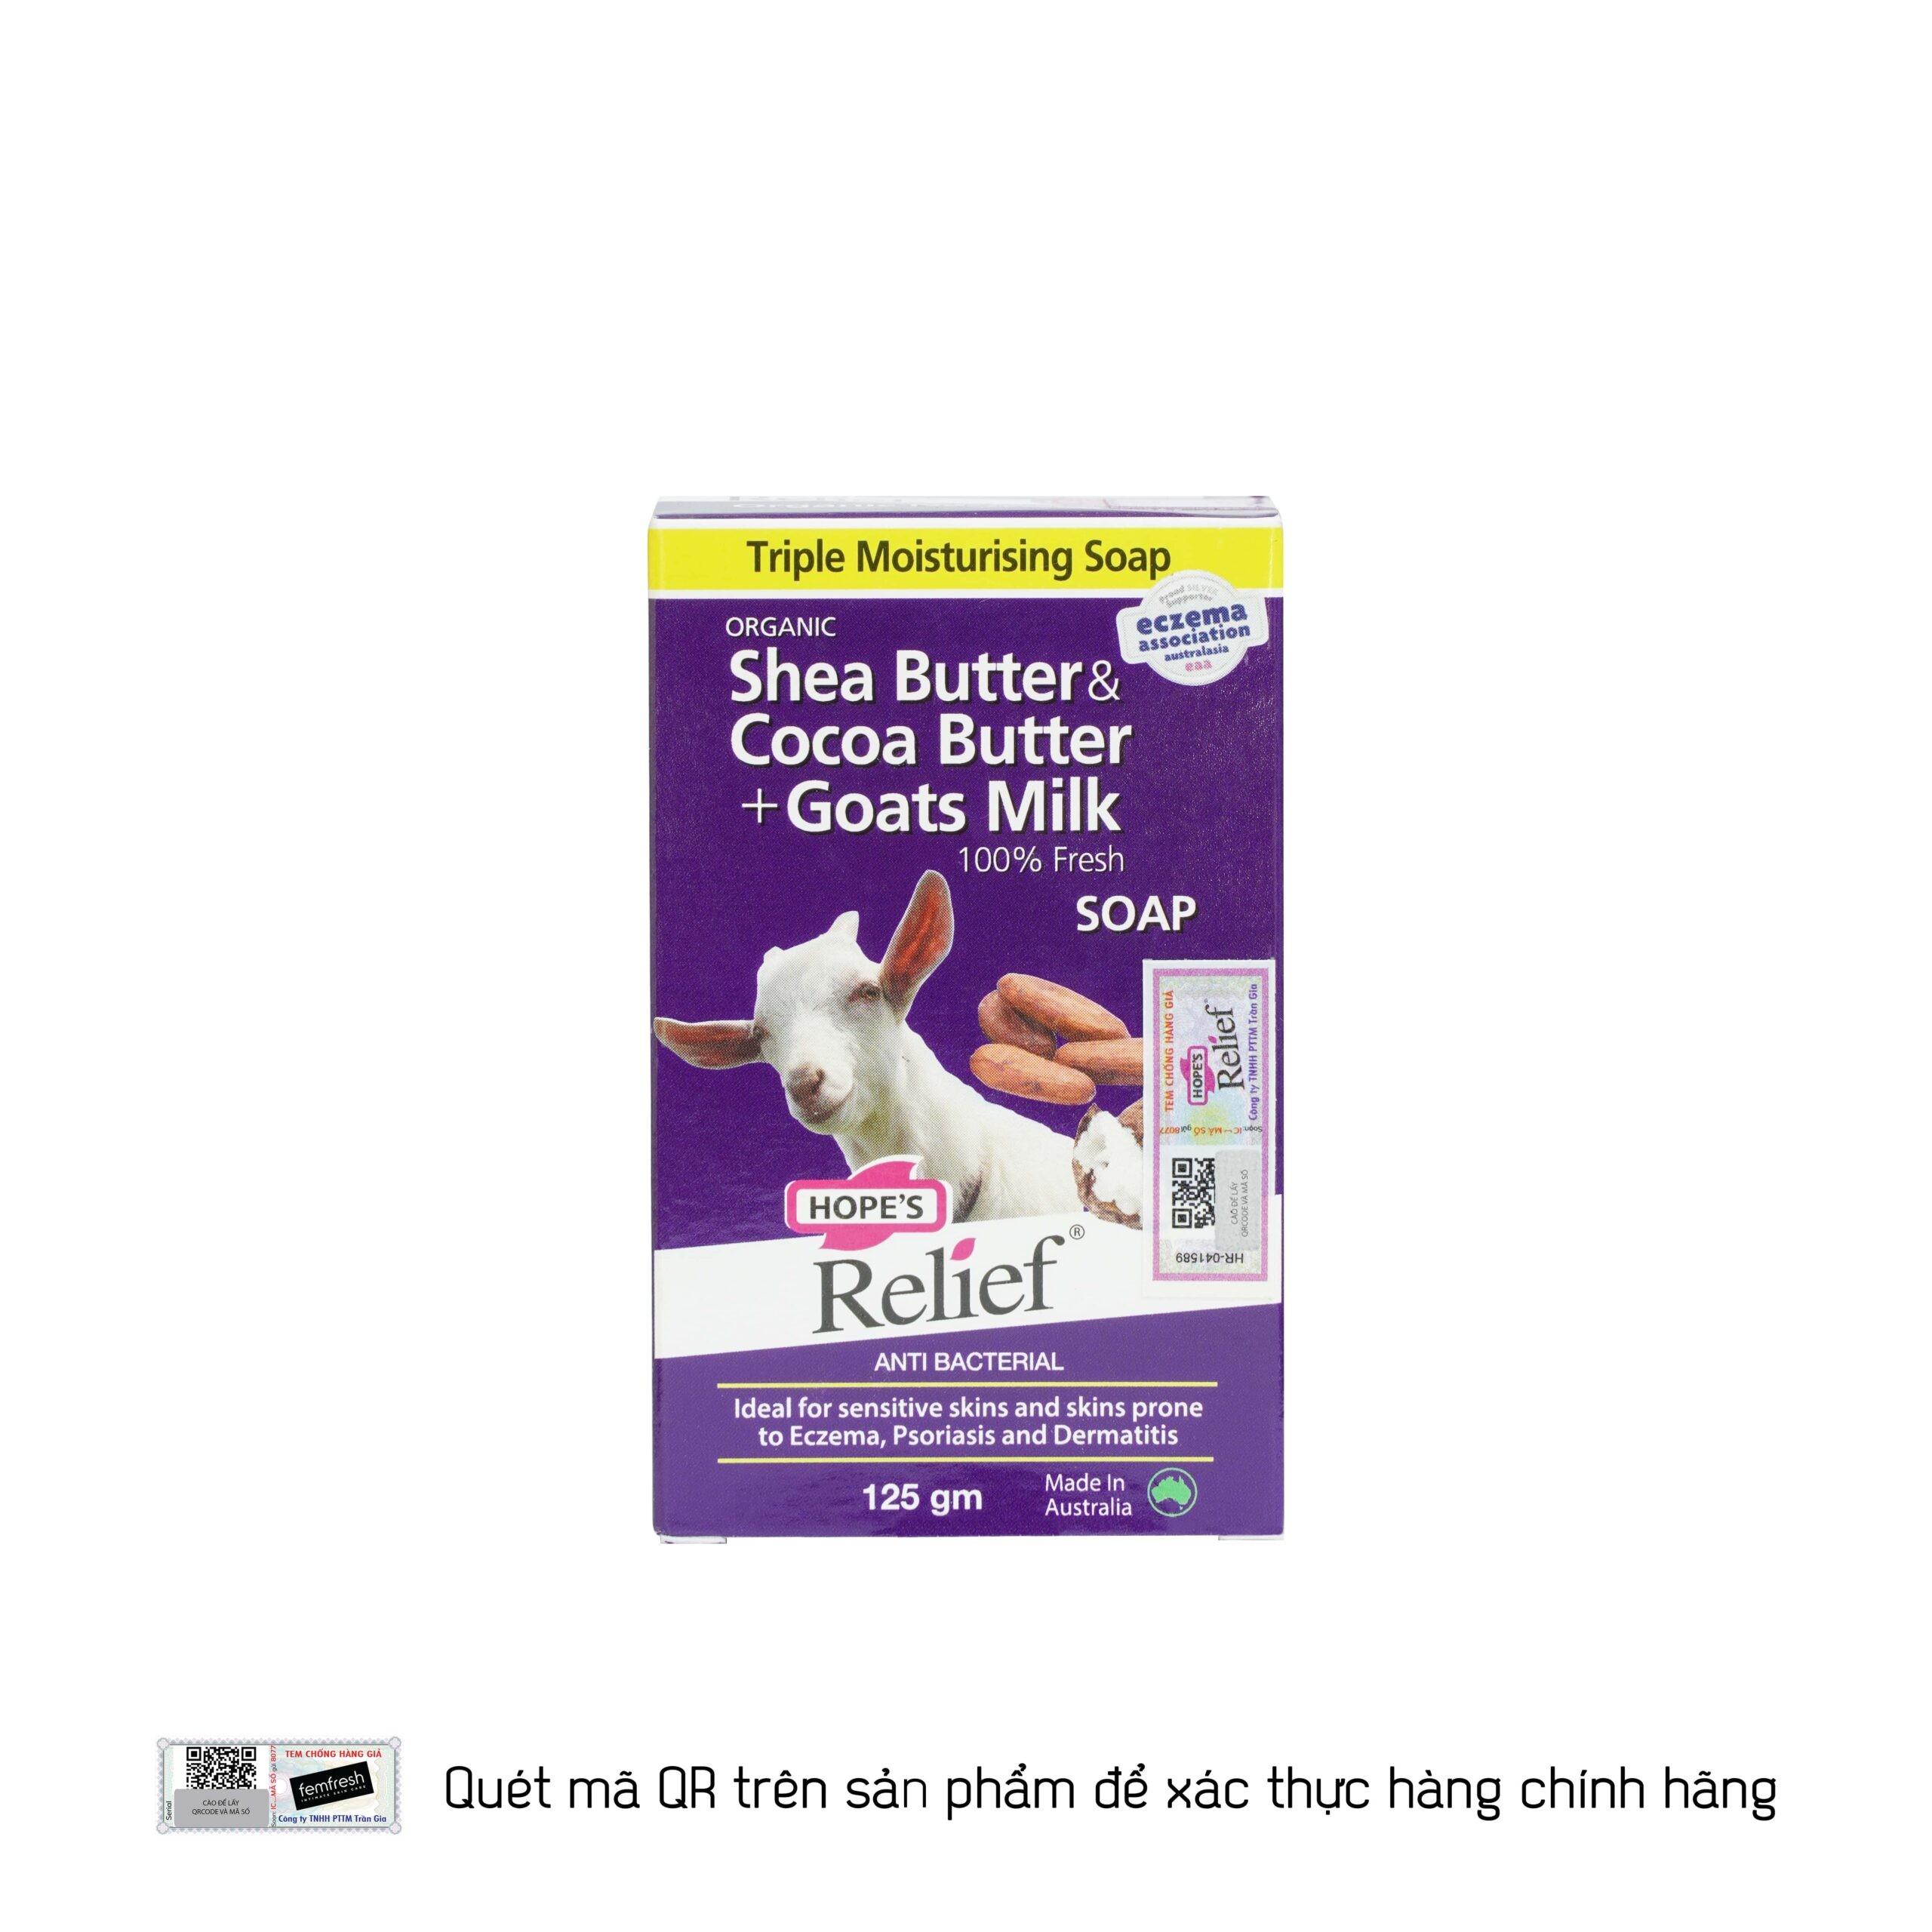 Xà bông Hope's Relief làm sạch, diệt khuẩn, dưỡng ẩm cho da khô ngứa, eczema, vảy nến từ tinh chất sữa dê và bơ ca cao 145gam